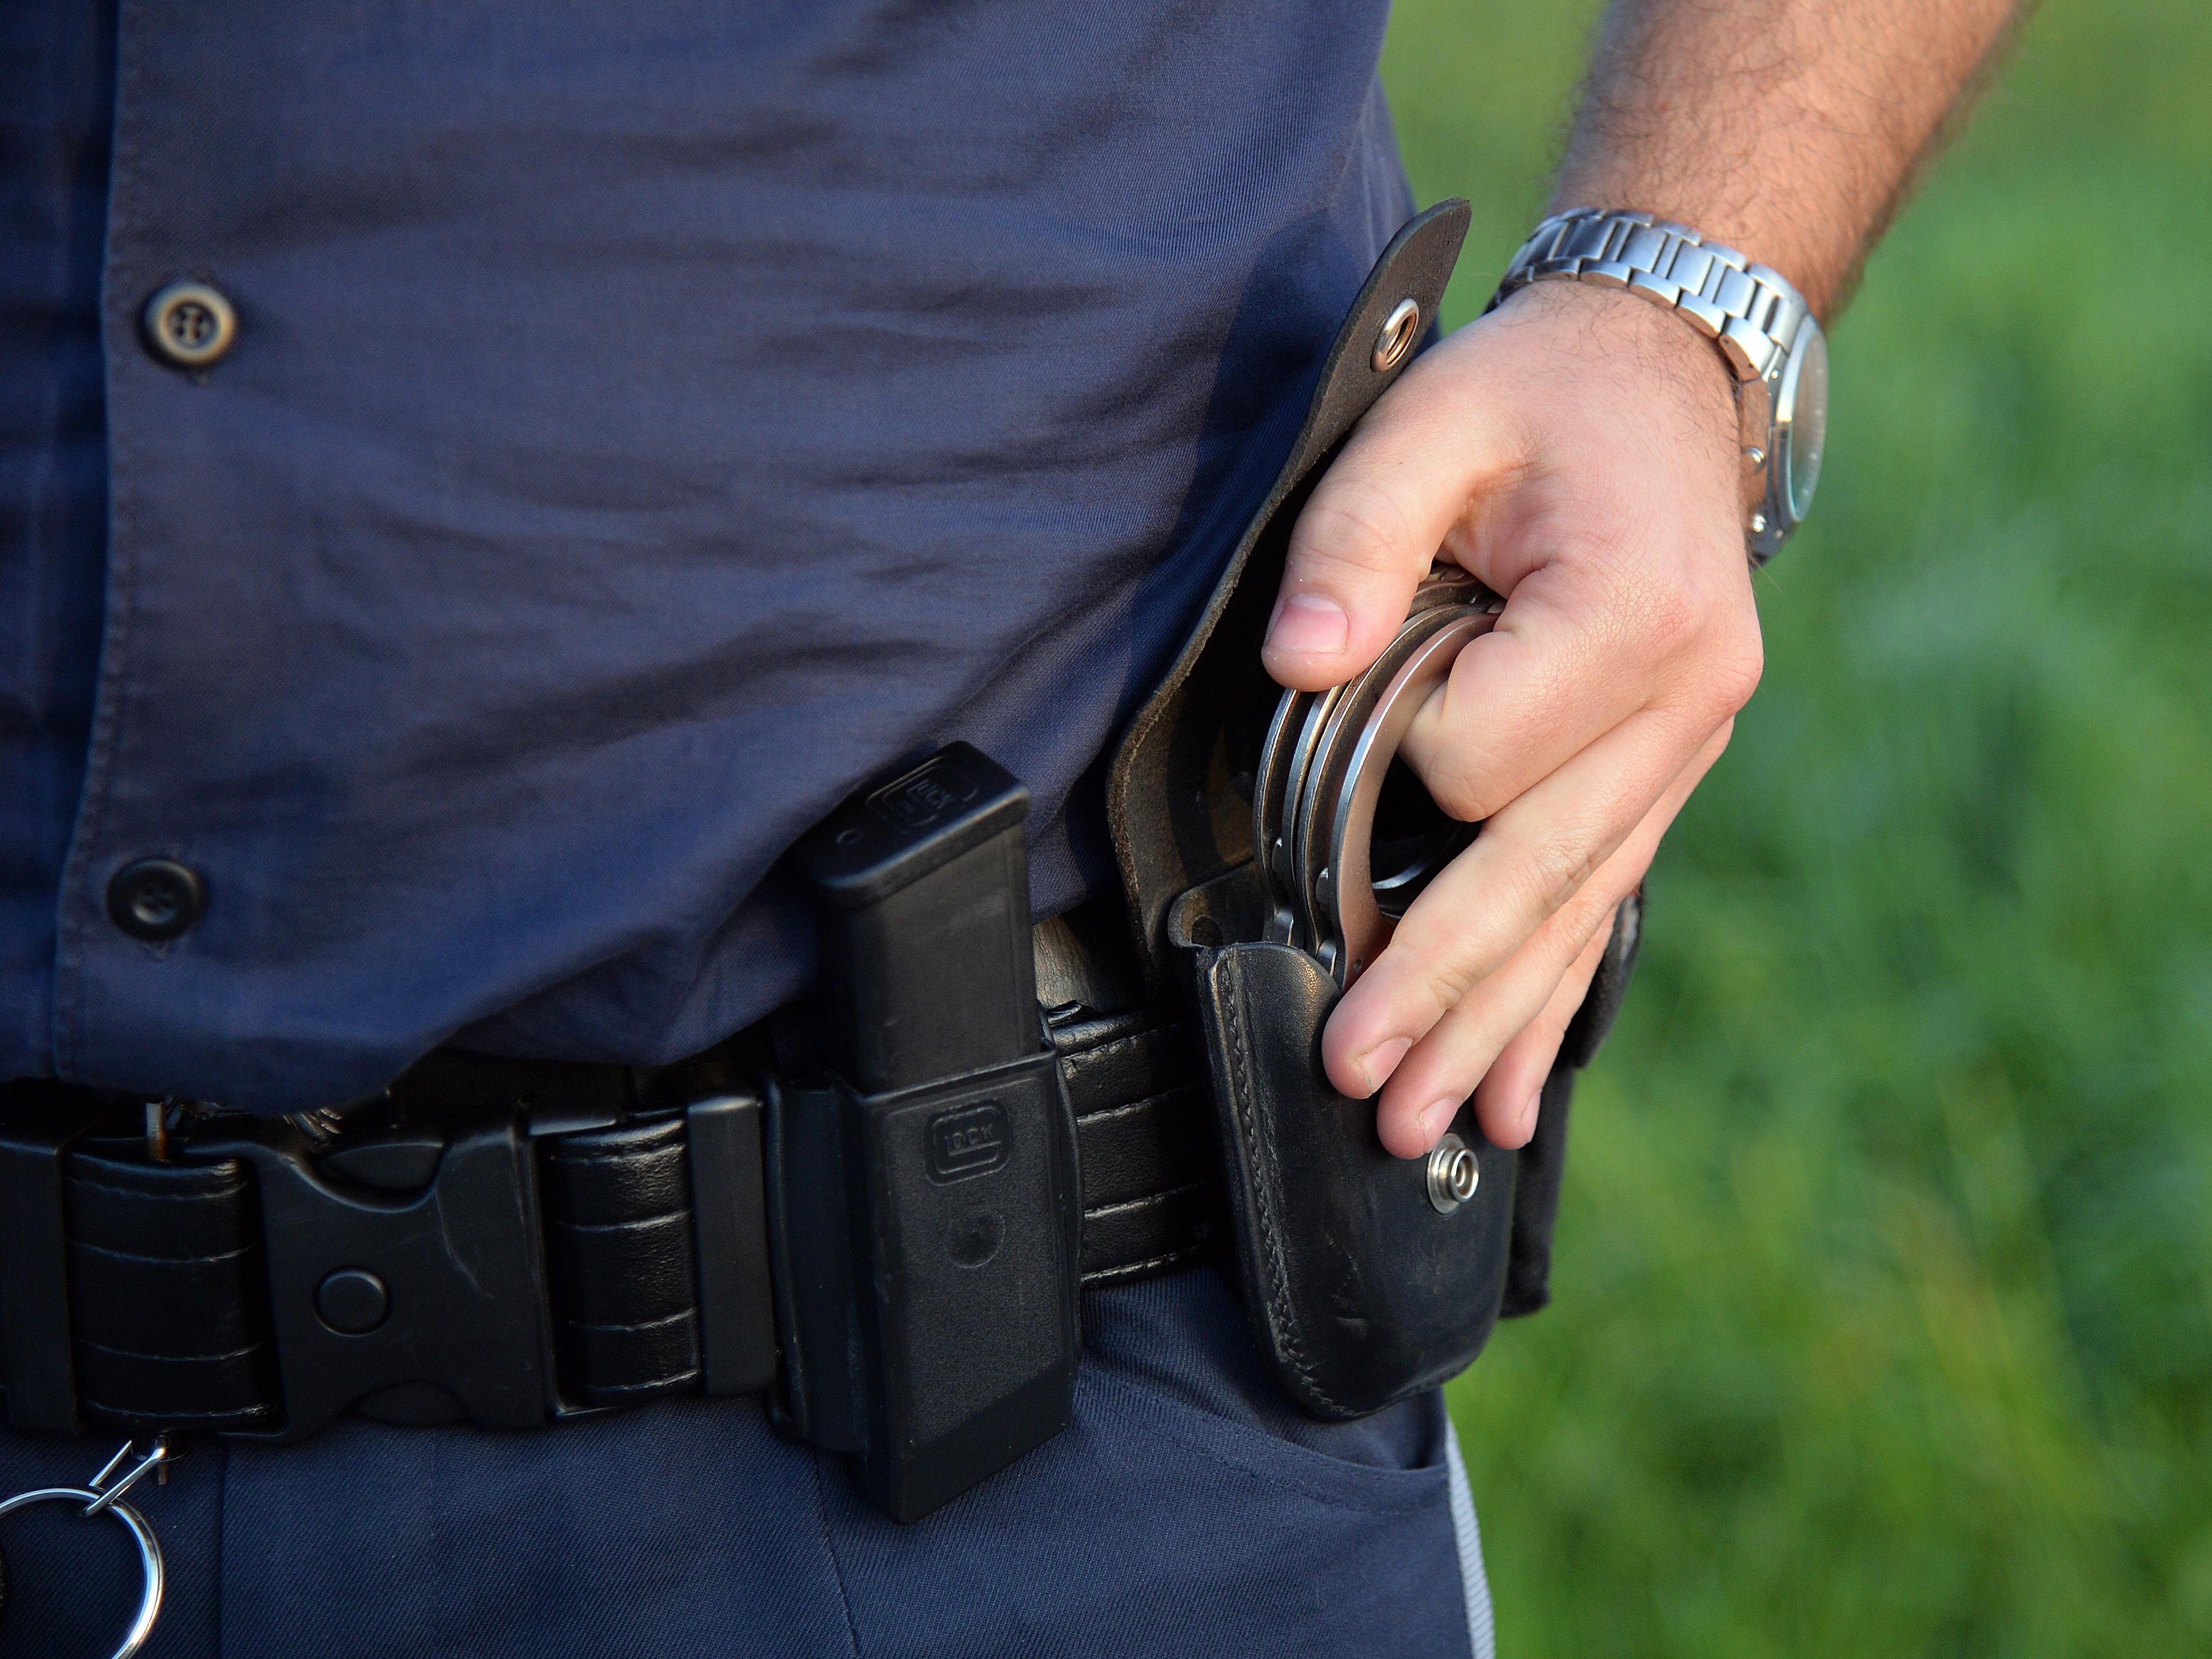 Der Polizist wurde bei dem Einsatz verletzt.